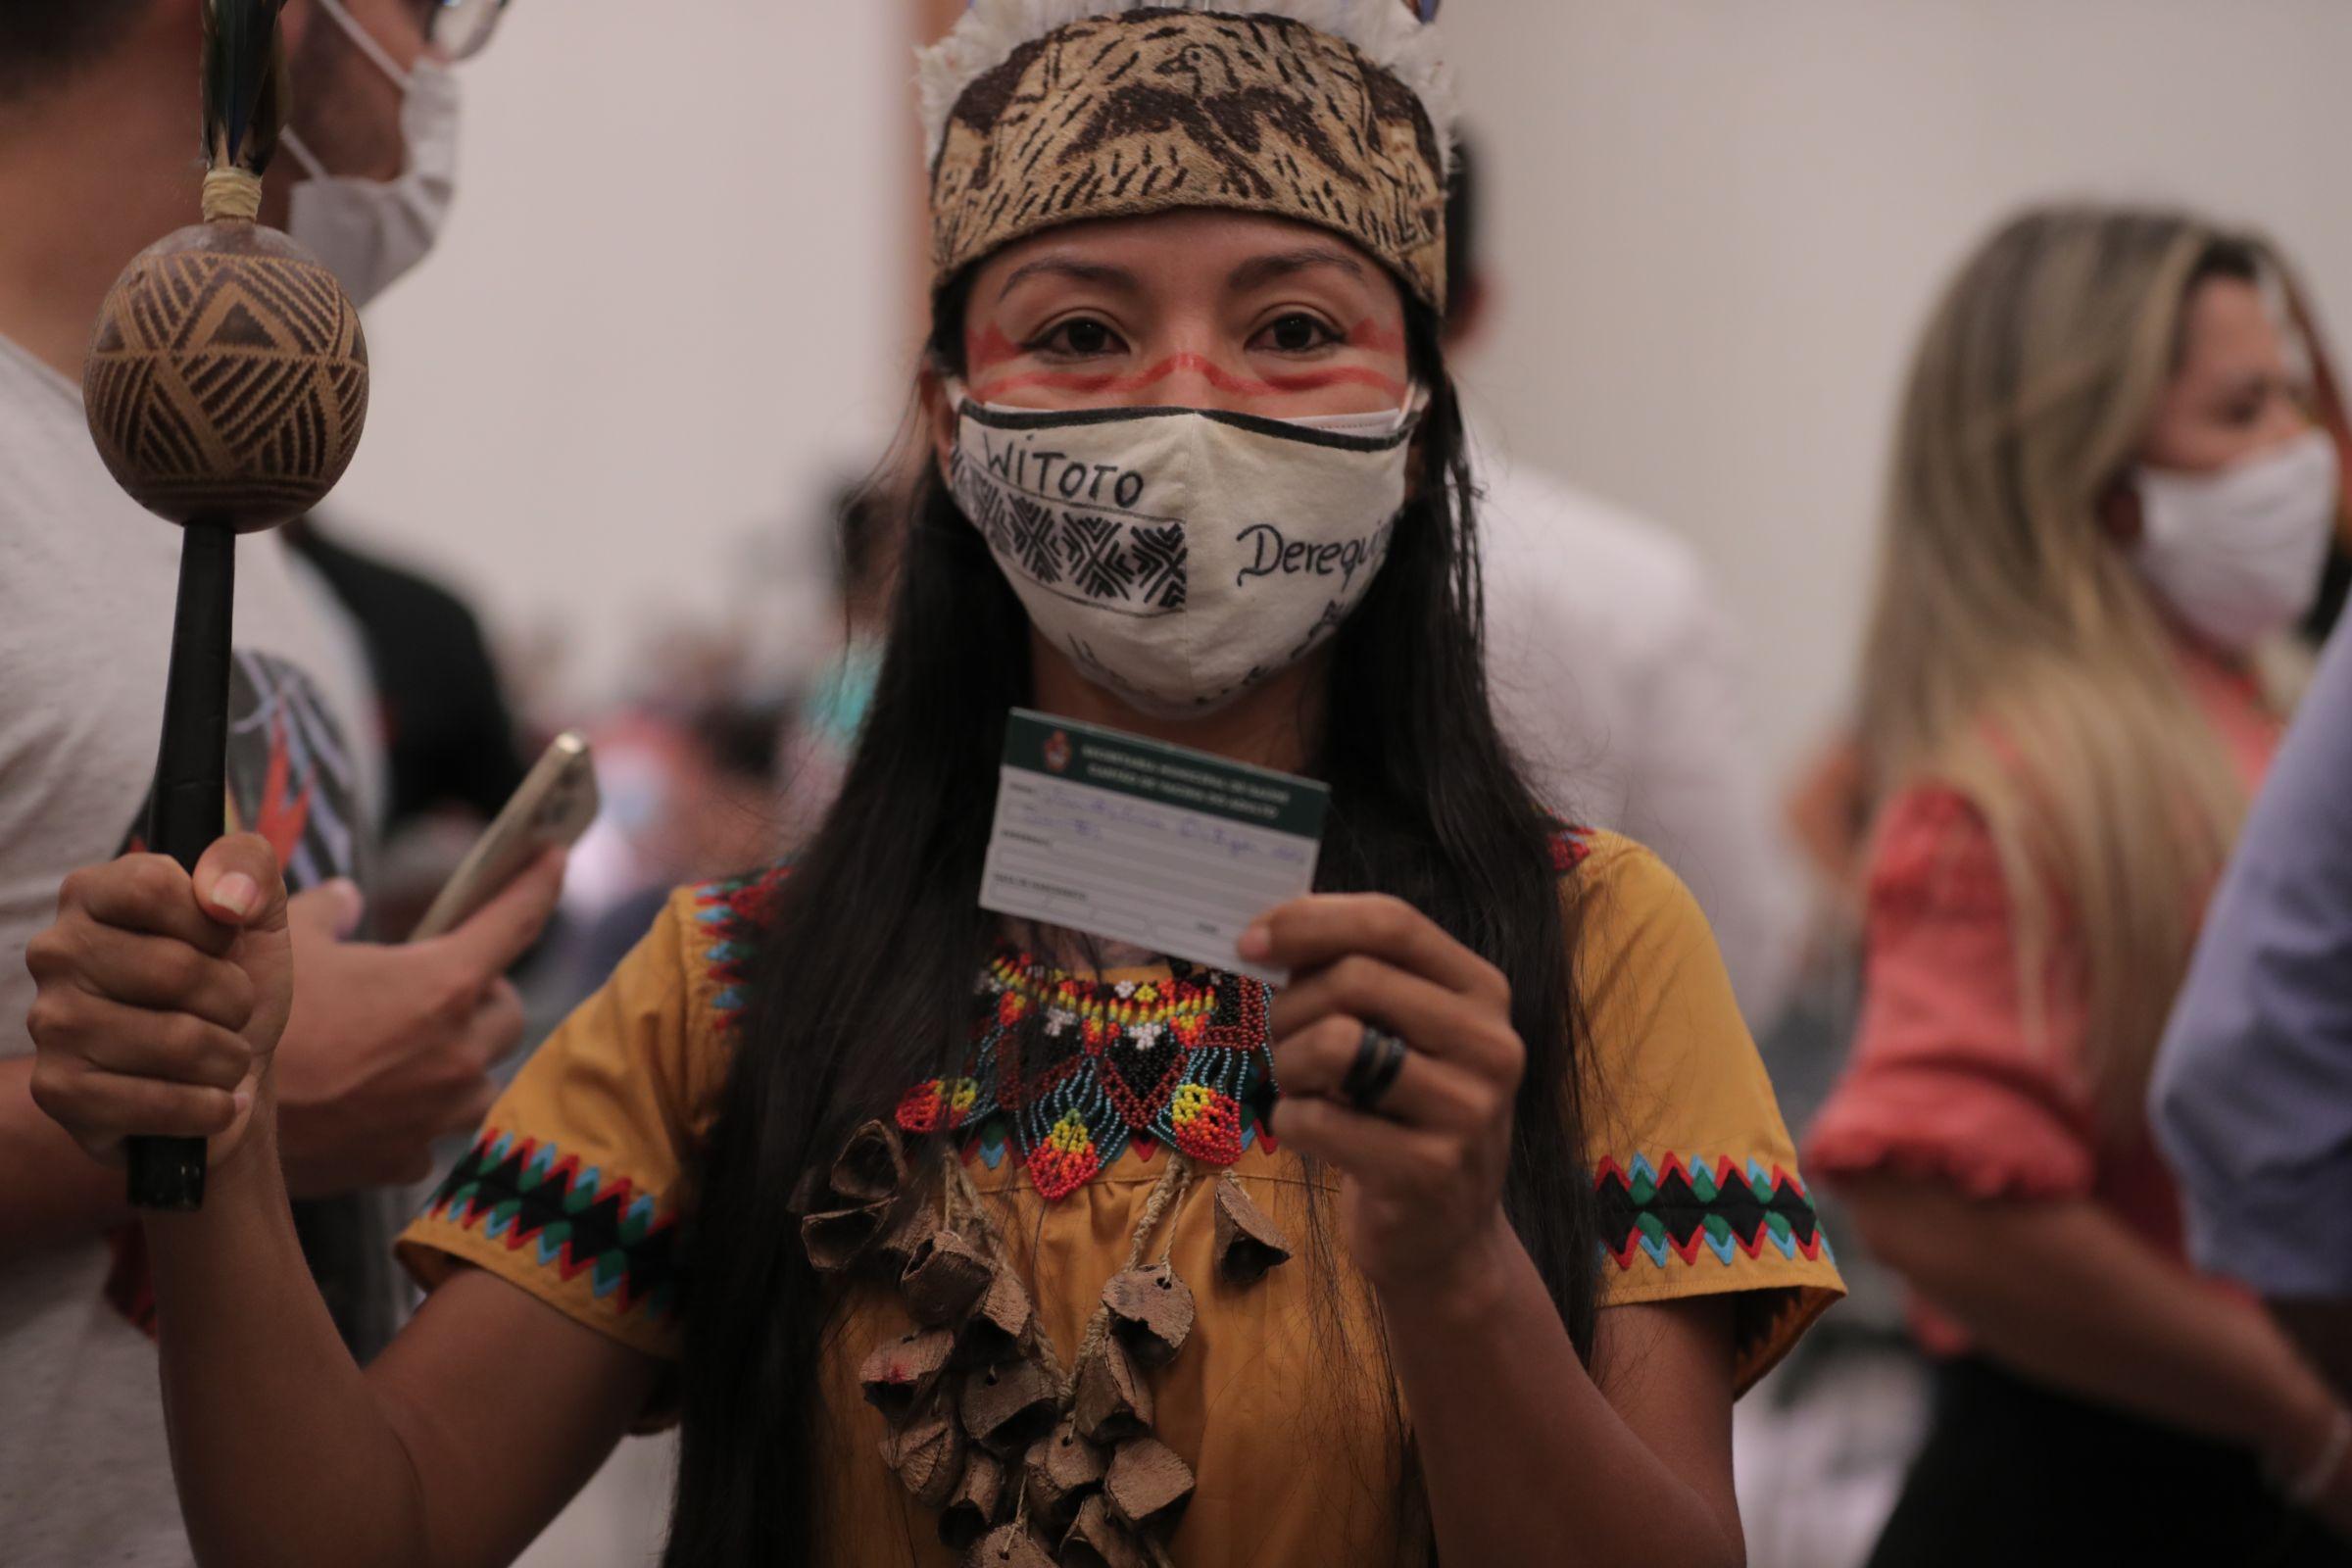 Vanda Ortega Witoto, 1ª vacinada no Amazonas, fala sobre ataques misóginos